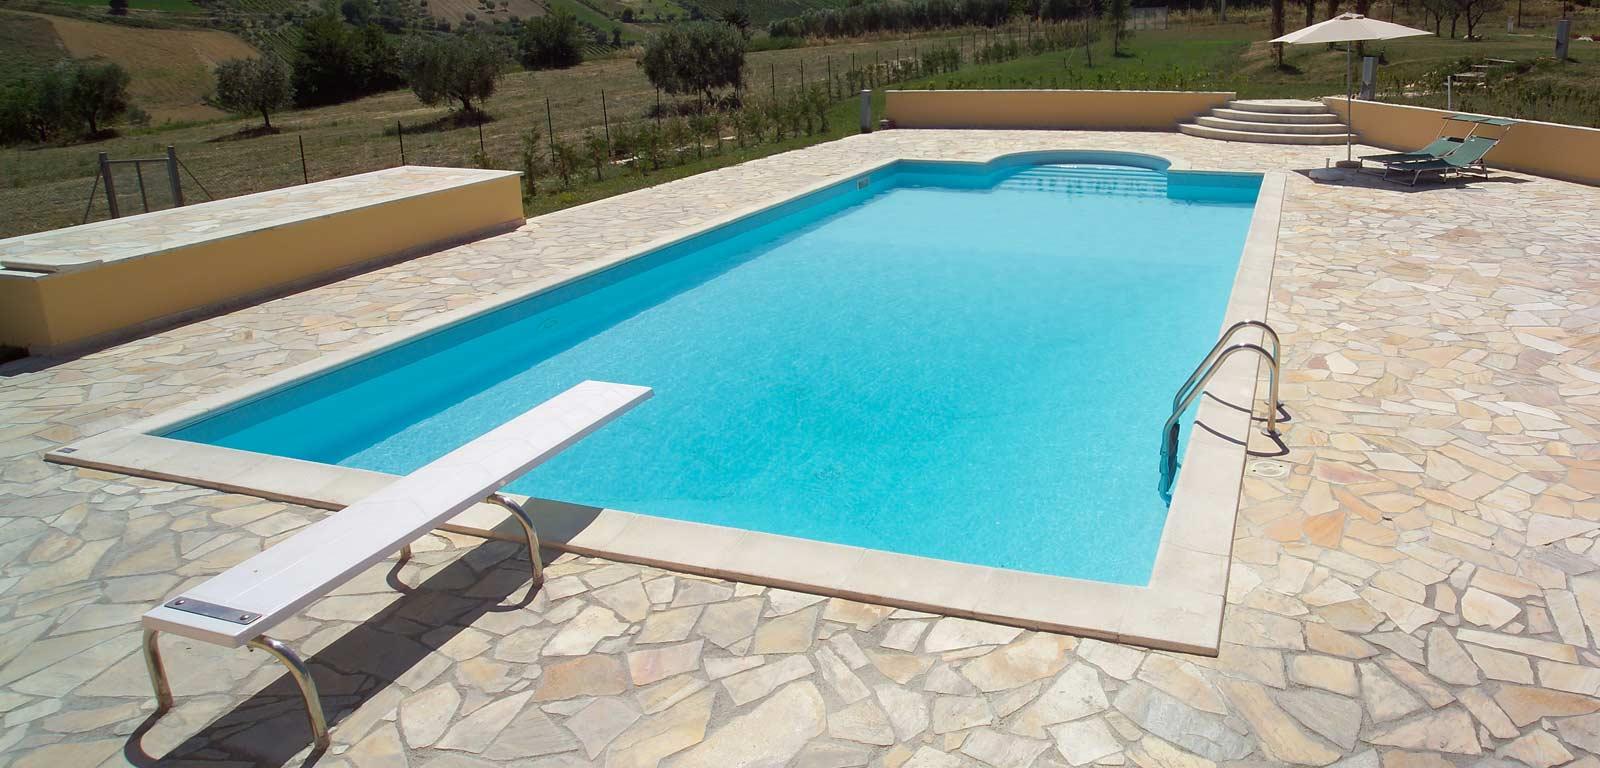 Trampolino piscina piscine castiglione for Castiglione piscine